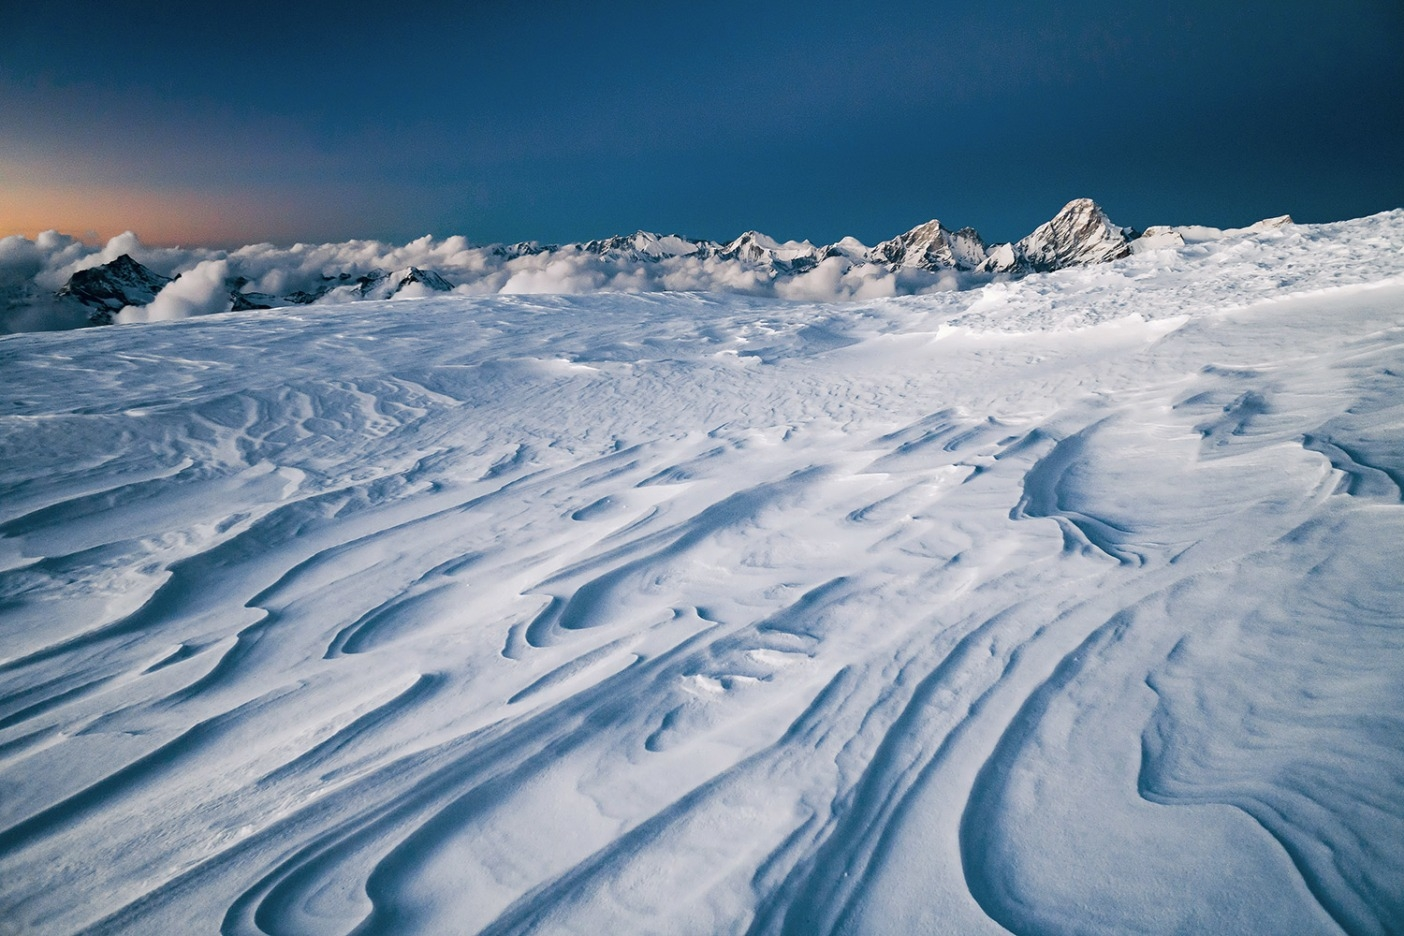 山頂までわずか数百メートルのところに、やっと平らなビバーク地を発見したときは予定よりも遅く、私たちは疲れ果てていた。そこは北側でとても寒く、強い風が雪の上に荒々しい線を刻み出していた。それほどの高所で寝た経験は私たちの誰にもなく、睡眠はほとんど取れなかったが、少なくとも平らだったおかげで静穏な夜空の下で体を休めることはできた。Photo: JASON THOMPSON